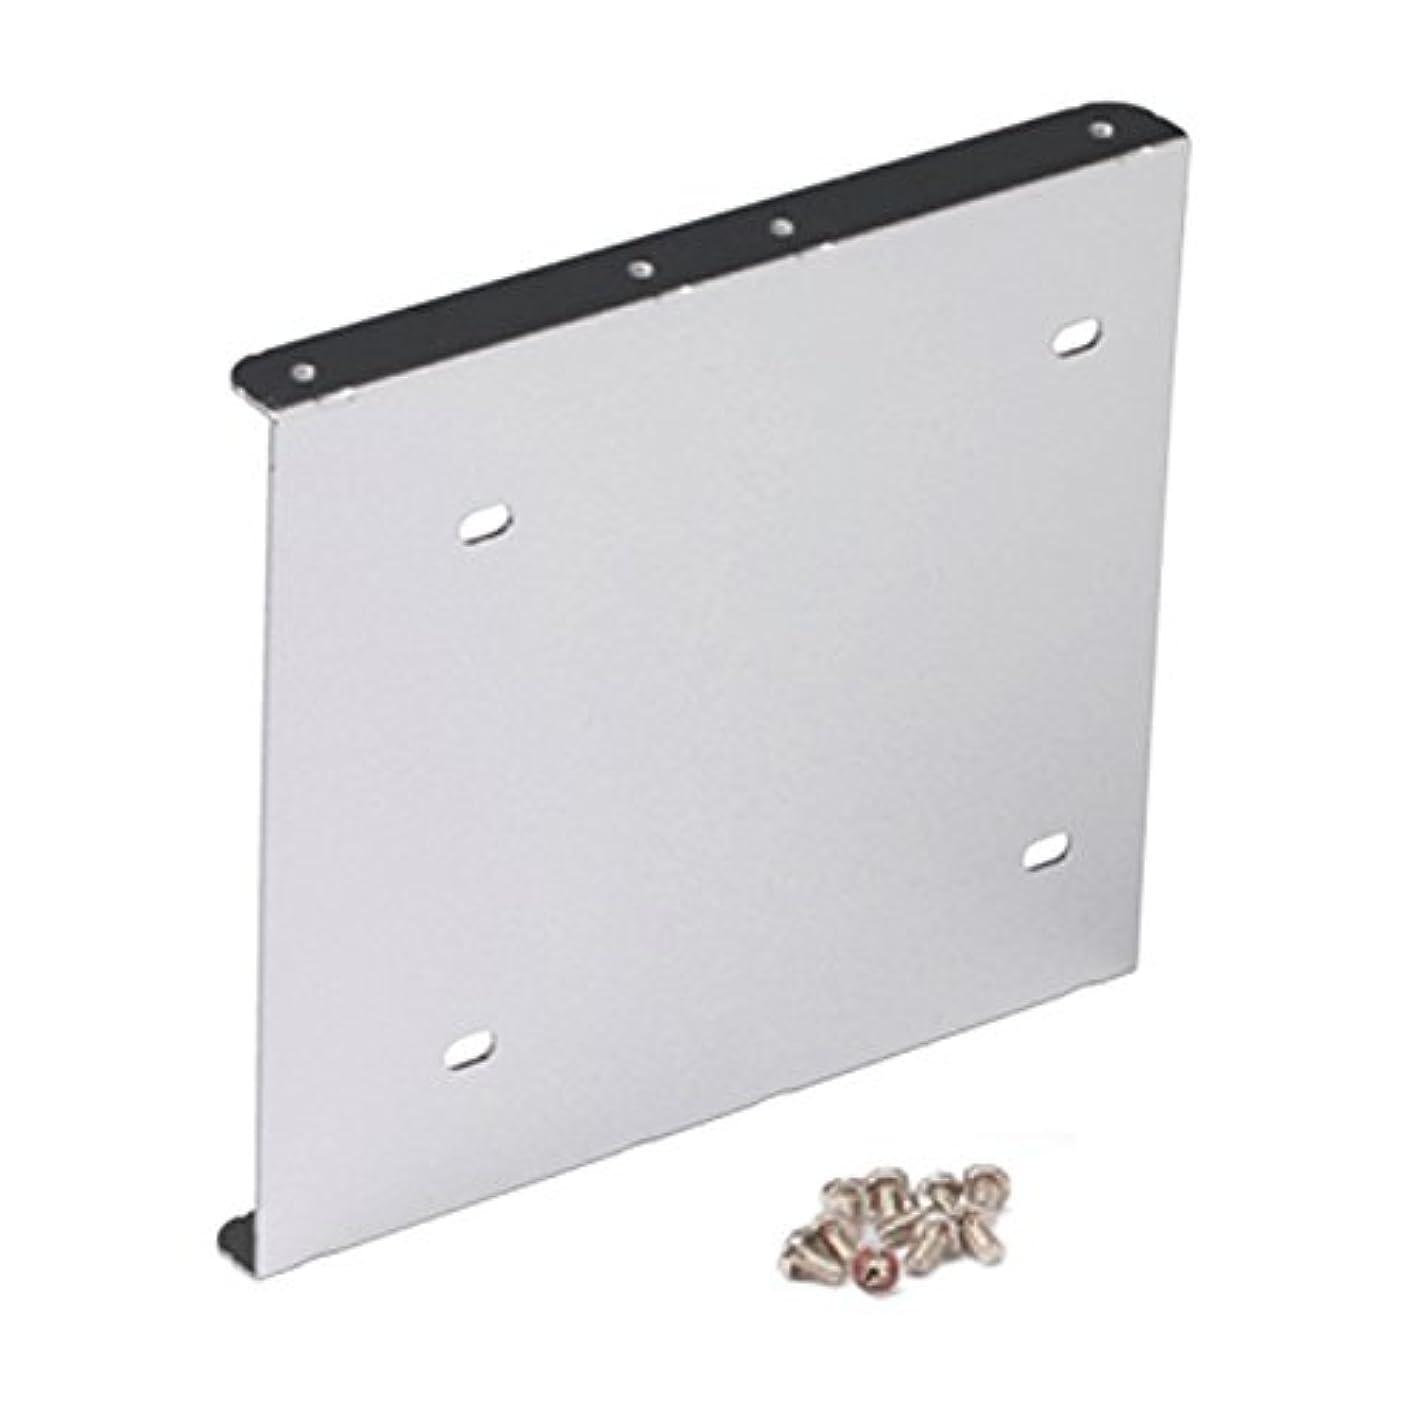 スカイ種大使館サムスン(SSD) SamsungSSDオプション:デスクトップパソコン用ブラケット SMOP-BRACKET